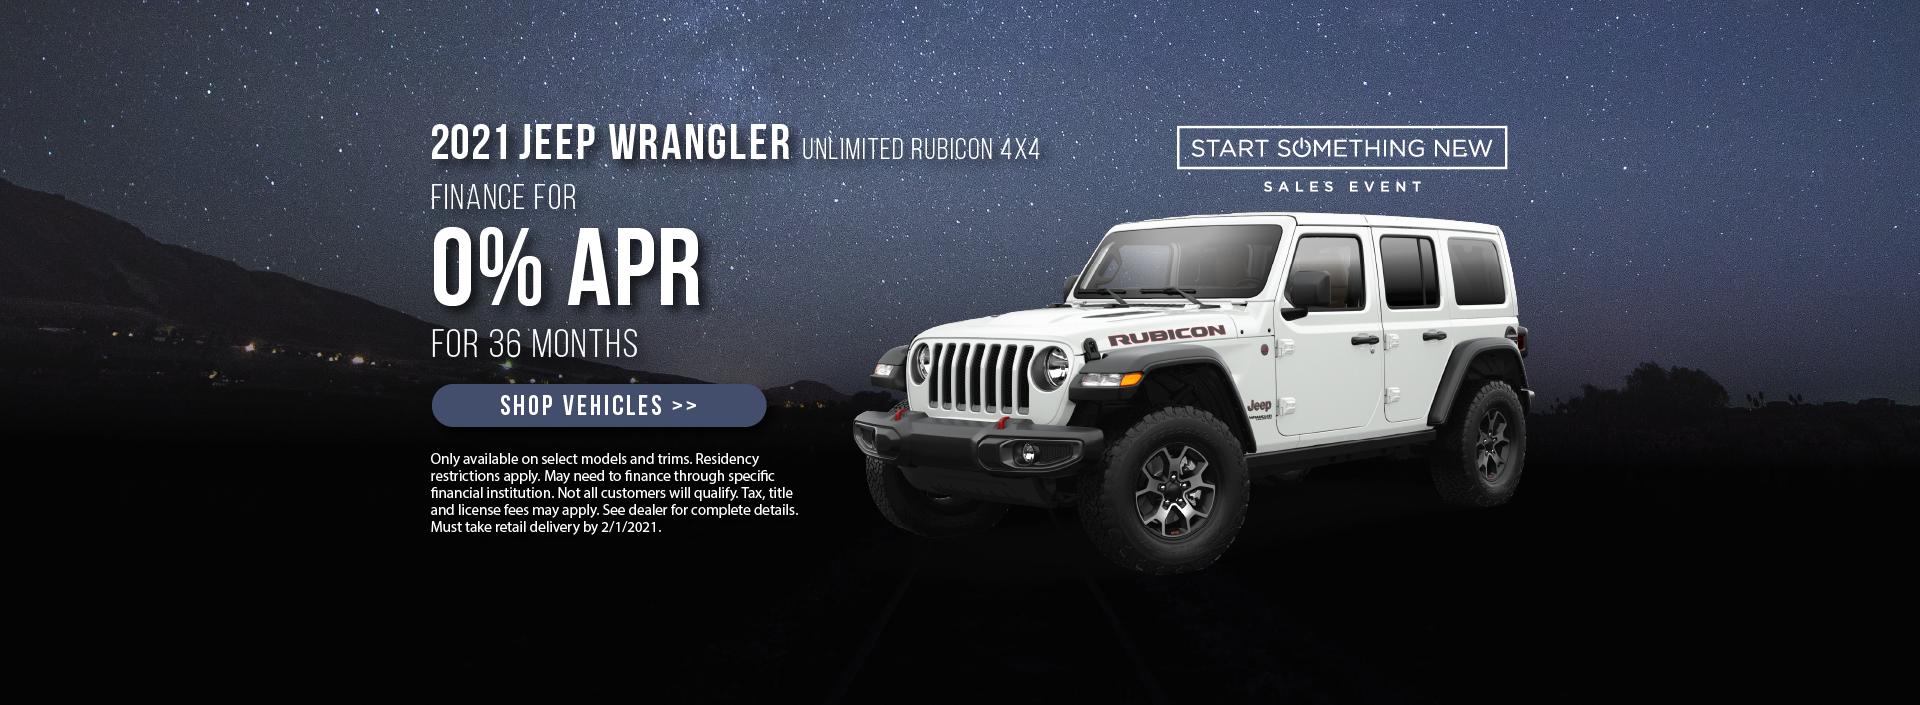 2021 Jeep Wrangler Offer